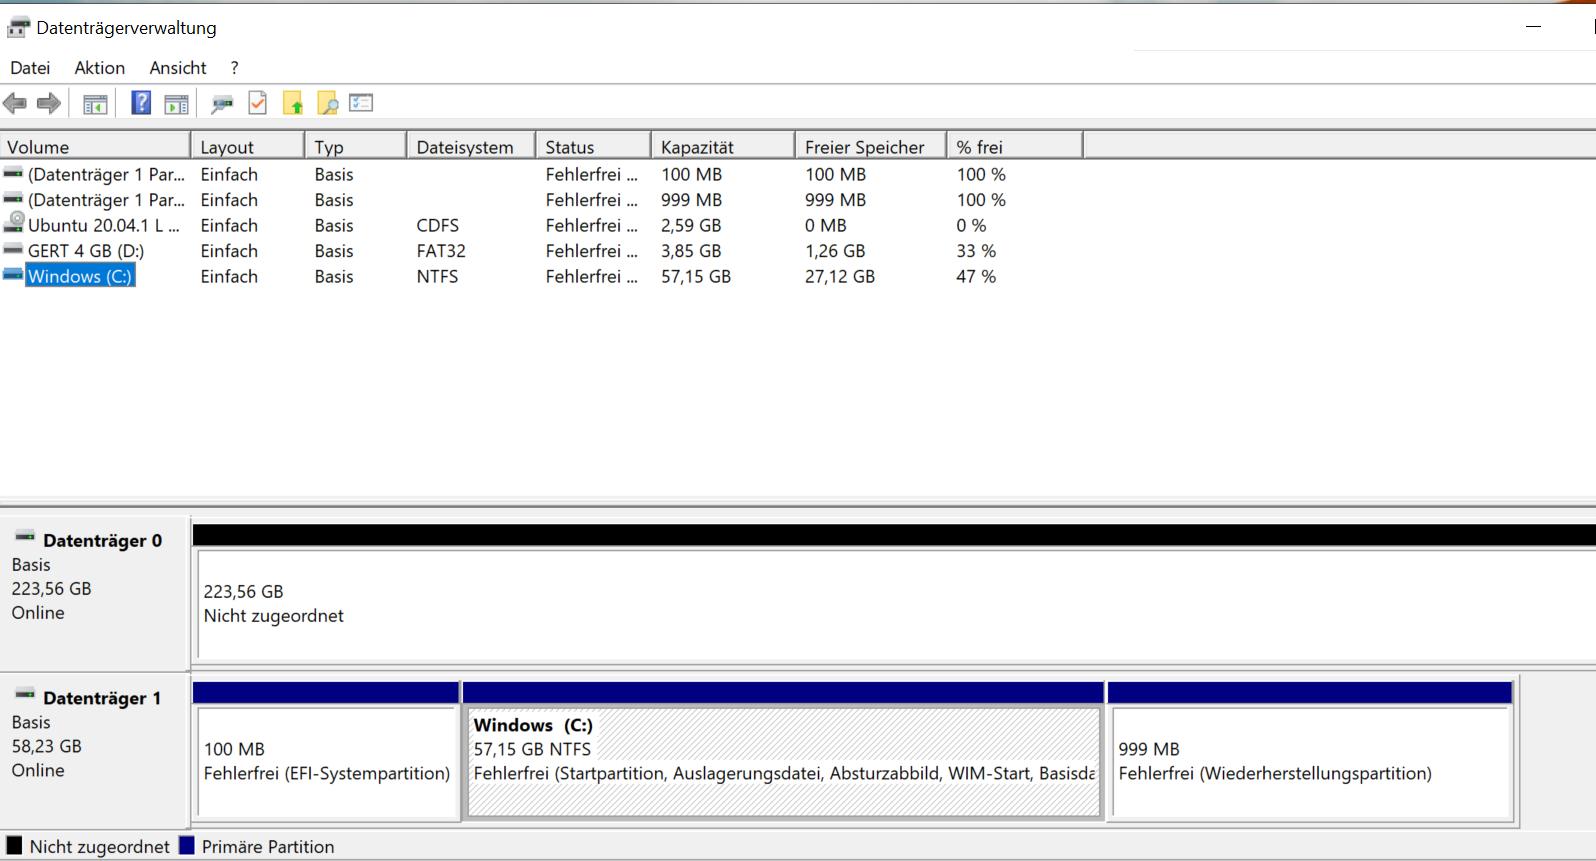 Screenshot 3,  Dat.-Träg.-Verwaltung.png